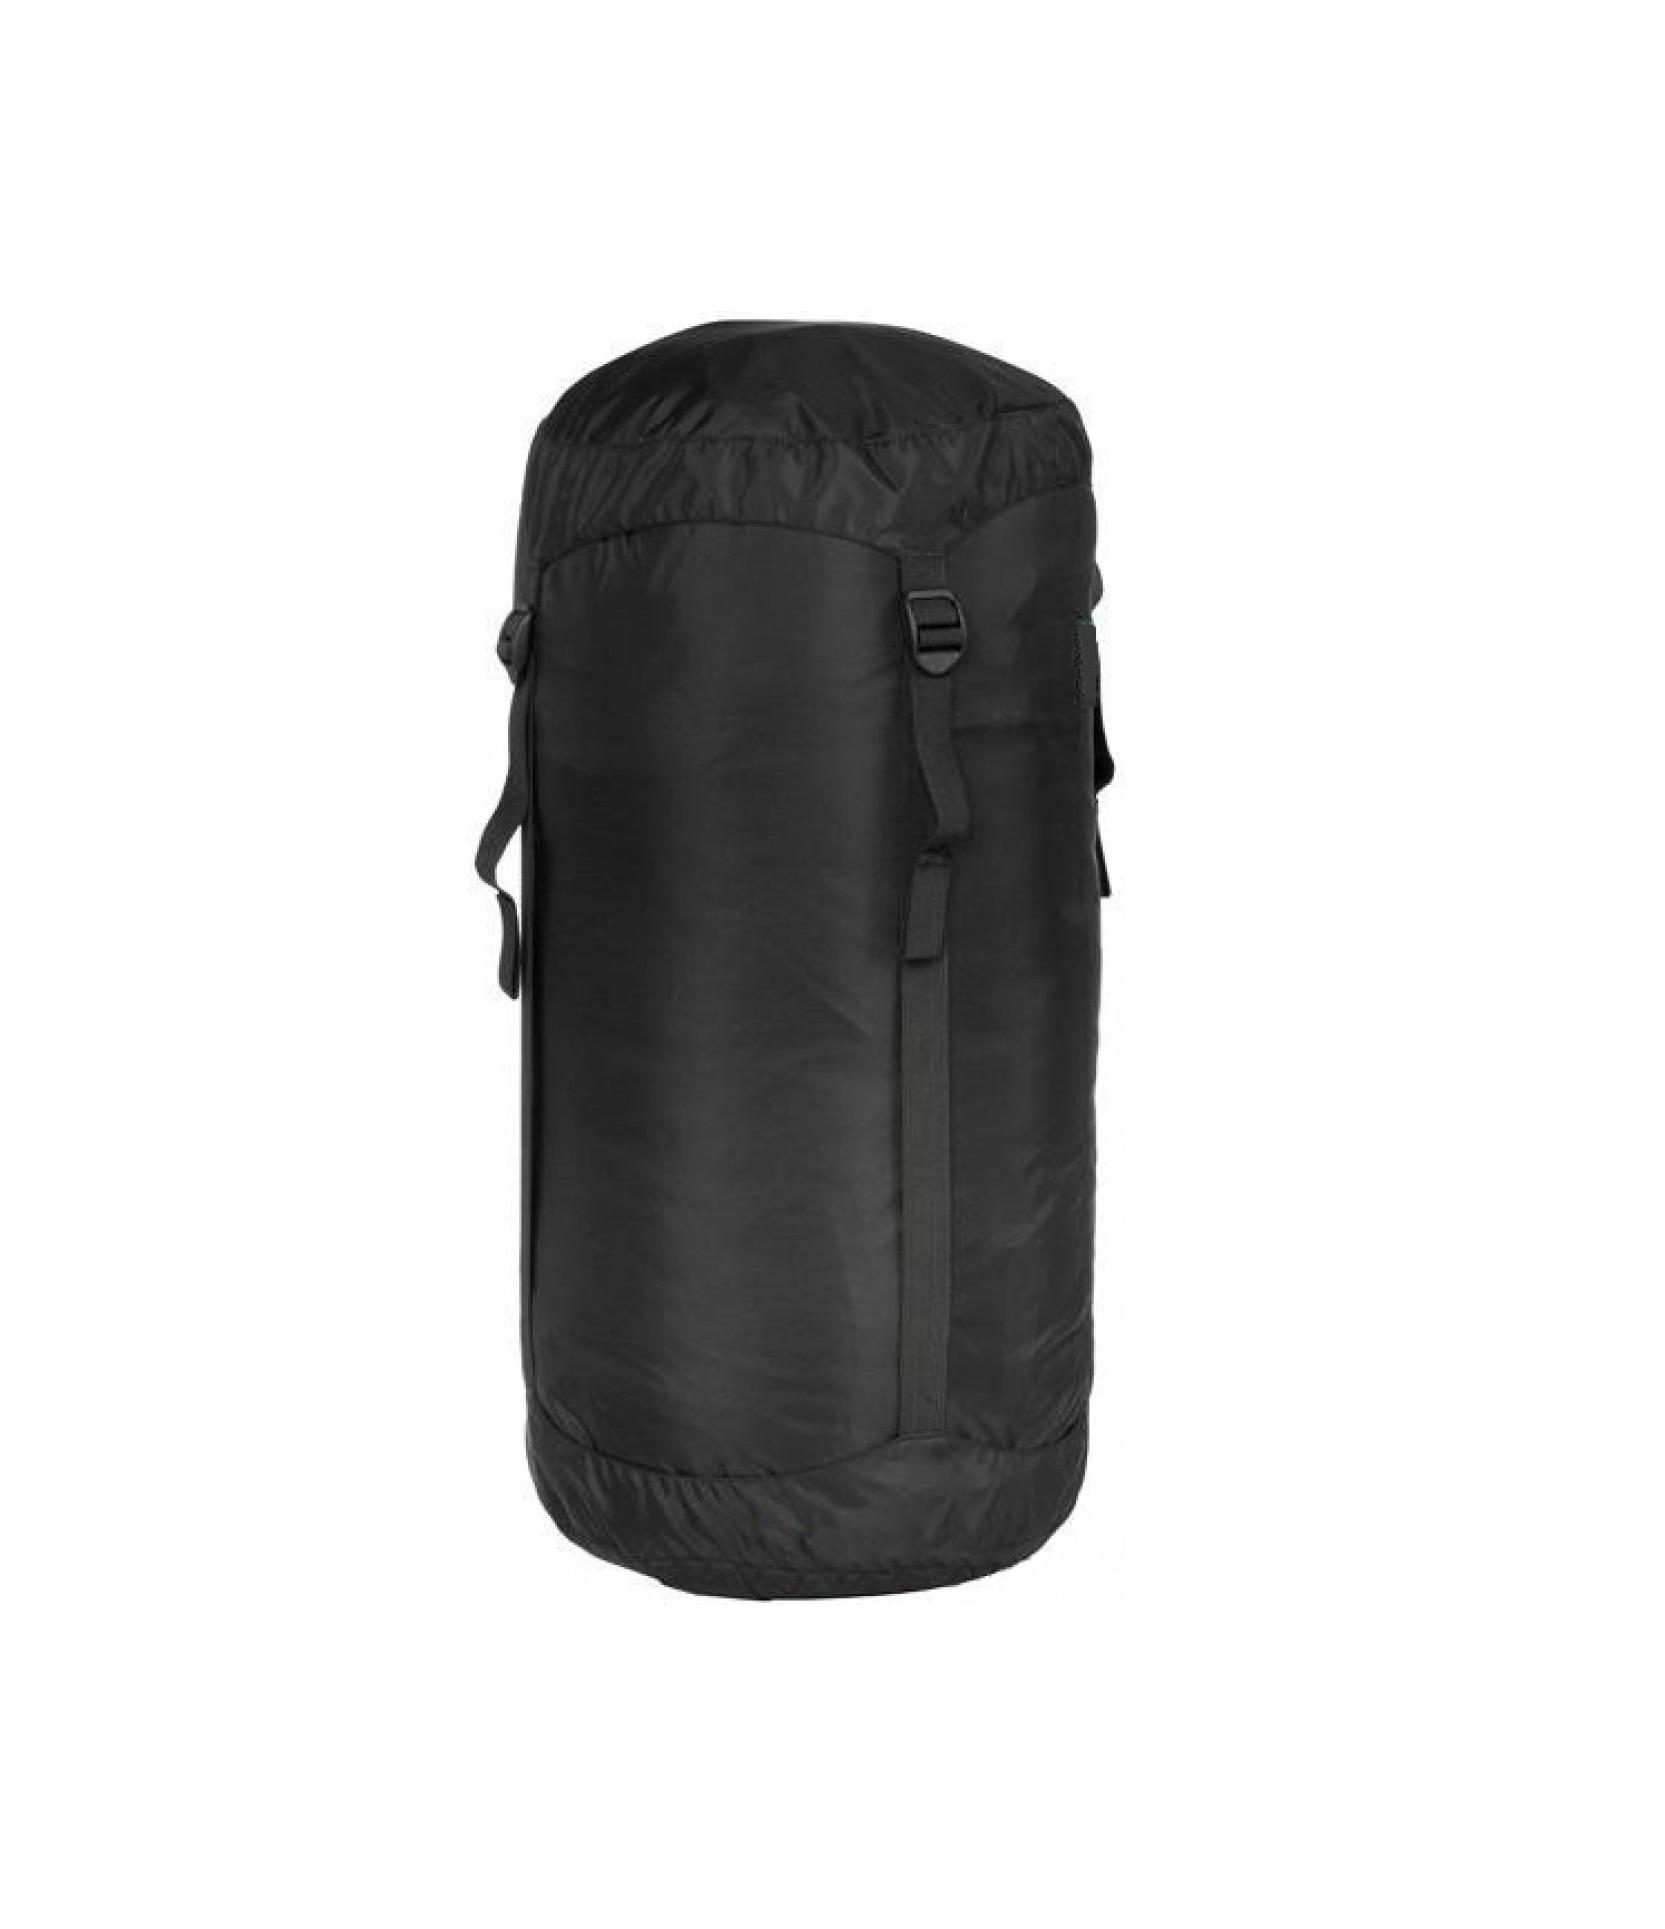 Компрессионный мешок BASK COMPRESSION BAG XL V2 3529Компрессионные мешки<br>Компрессионный мешок для транспортировки пуховых изделий и упаковки одежды, снаряжения. Незаменим для любых видов активности.<br><br>Верхняя ткань: полиэстер<br>Вес граммы: 0.210<br>Длина см.: 67<br>Материал: PolyOxford<br>Назначение: туристический<br>Подкладка: полиэстер<br>Пол: Унисекс<br>Размер: XL<br>Ширина см.: 28<br>Цвет: ЧЕРНЫЙ